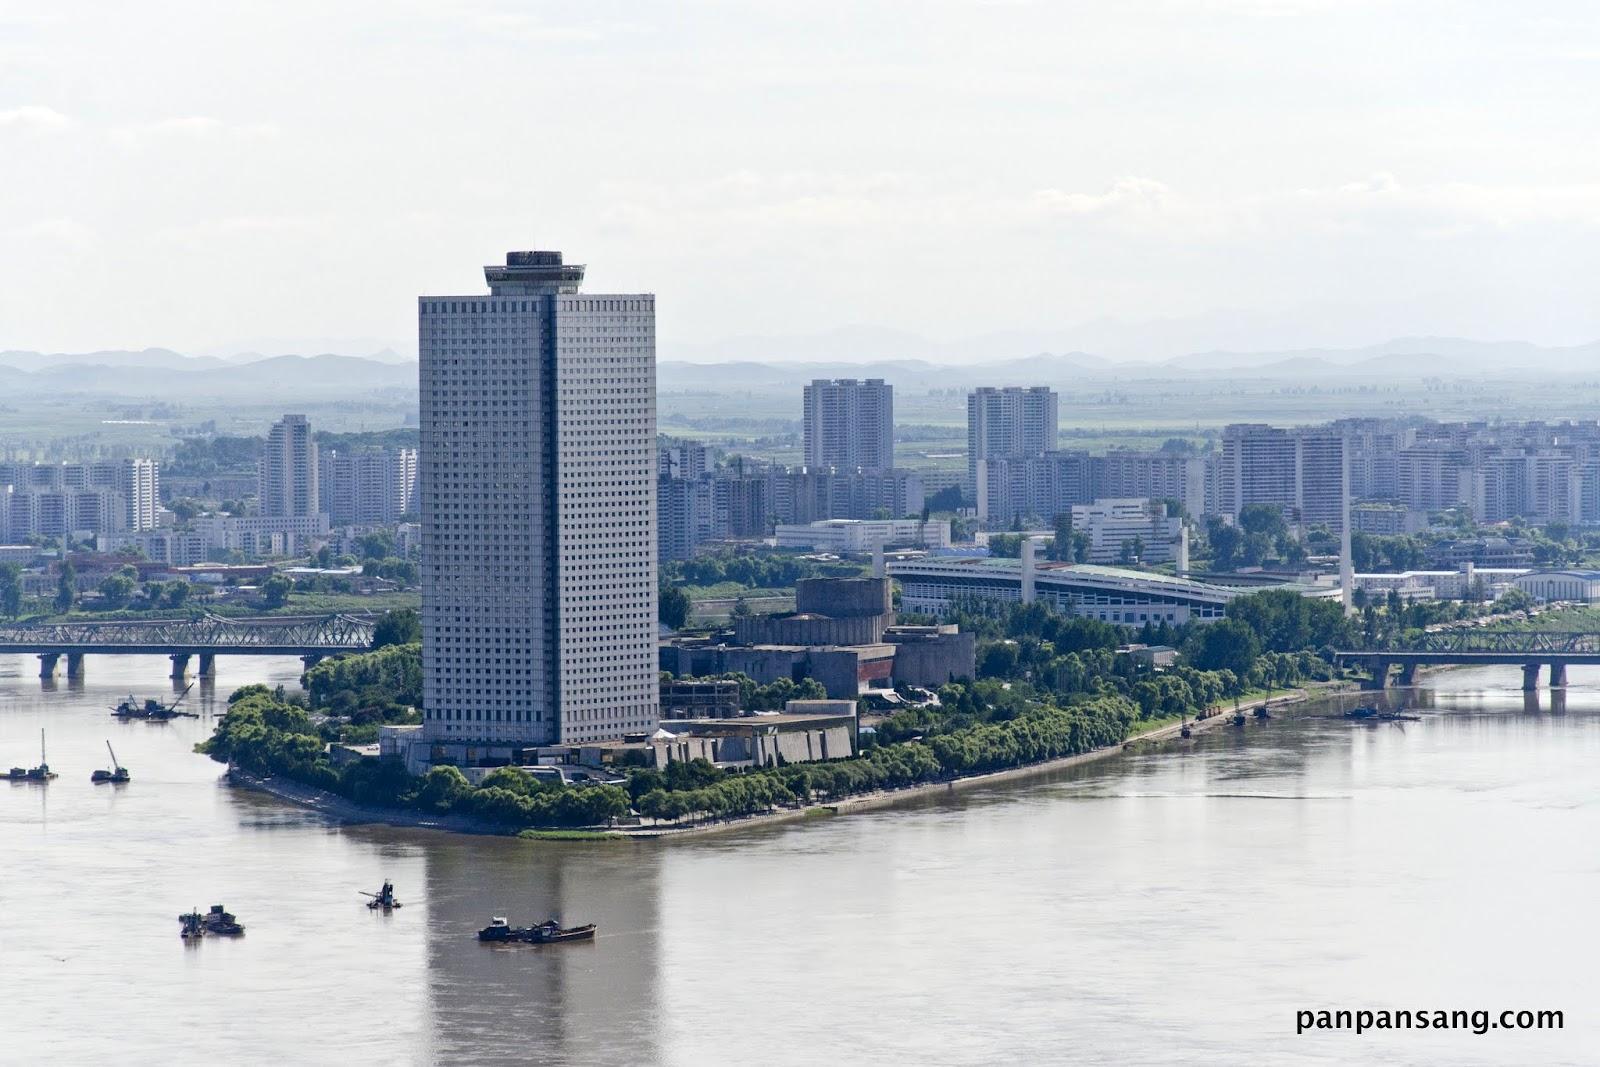 好食到彭彭聲: [北韓住宿]消失的五樓 -羊角島國際酒店